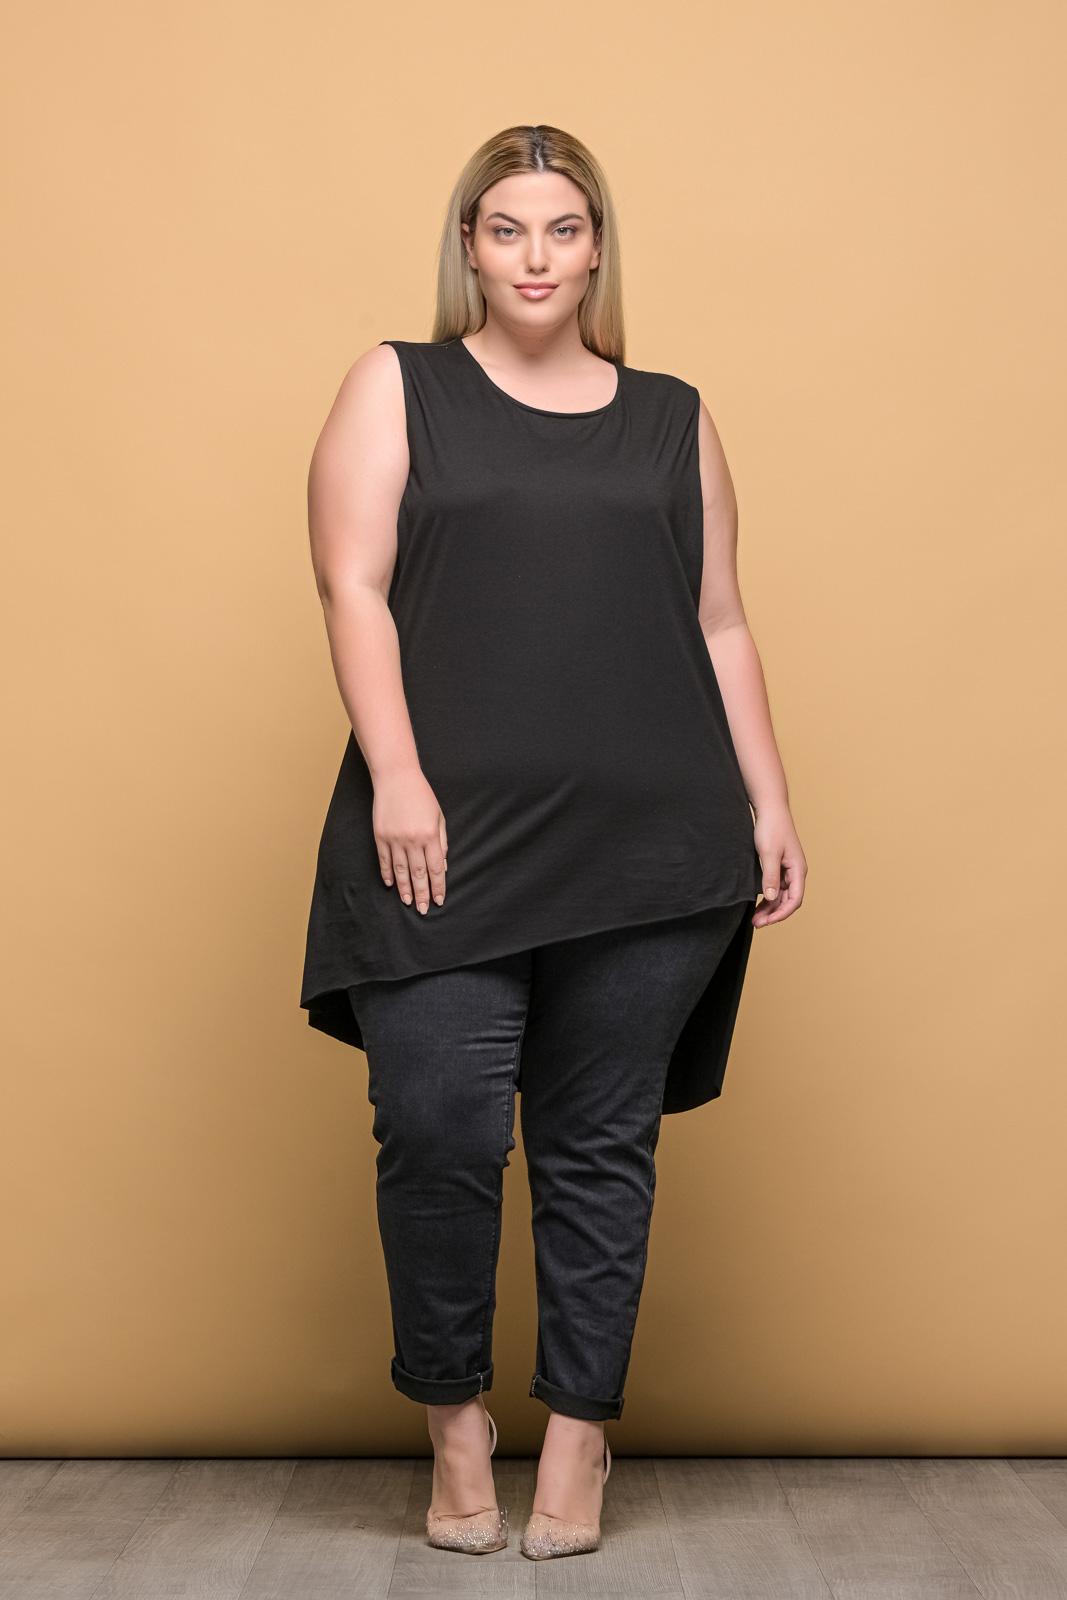 Μπλουζοφόρεμα αμάνικο βαμβακερό μαύρο